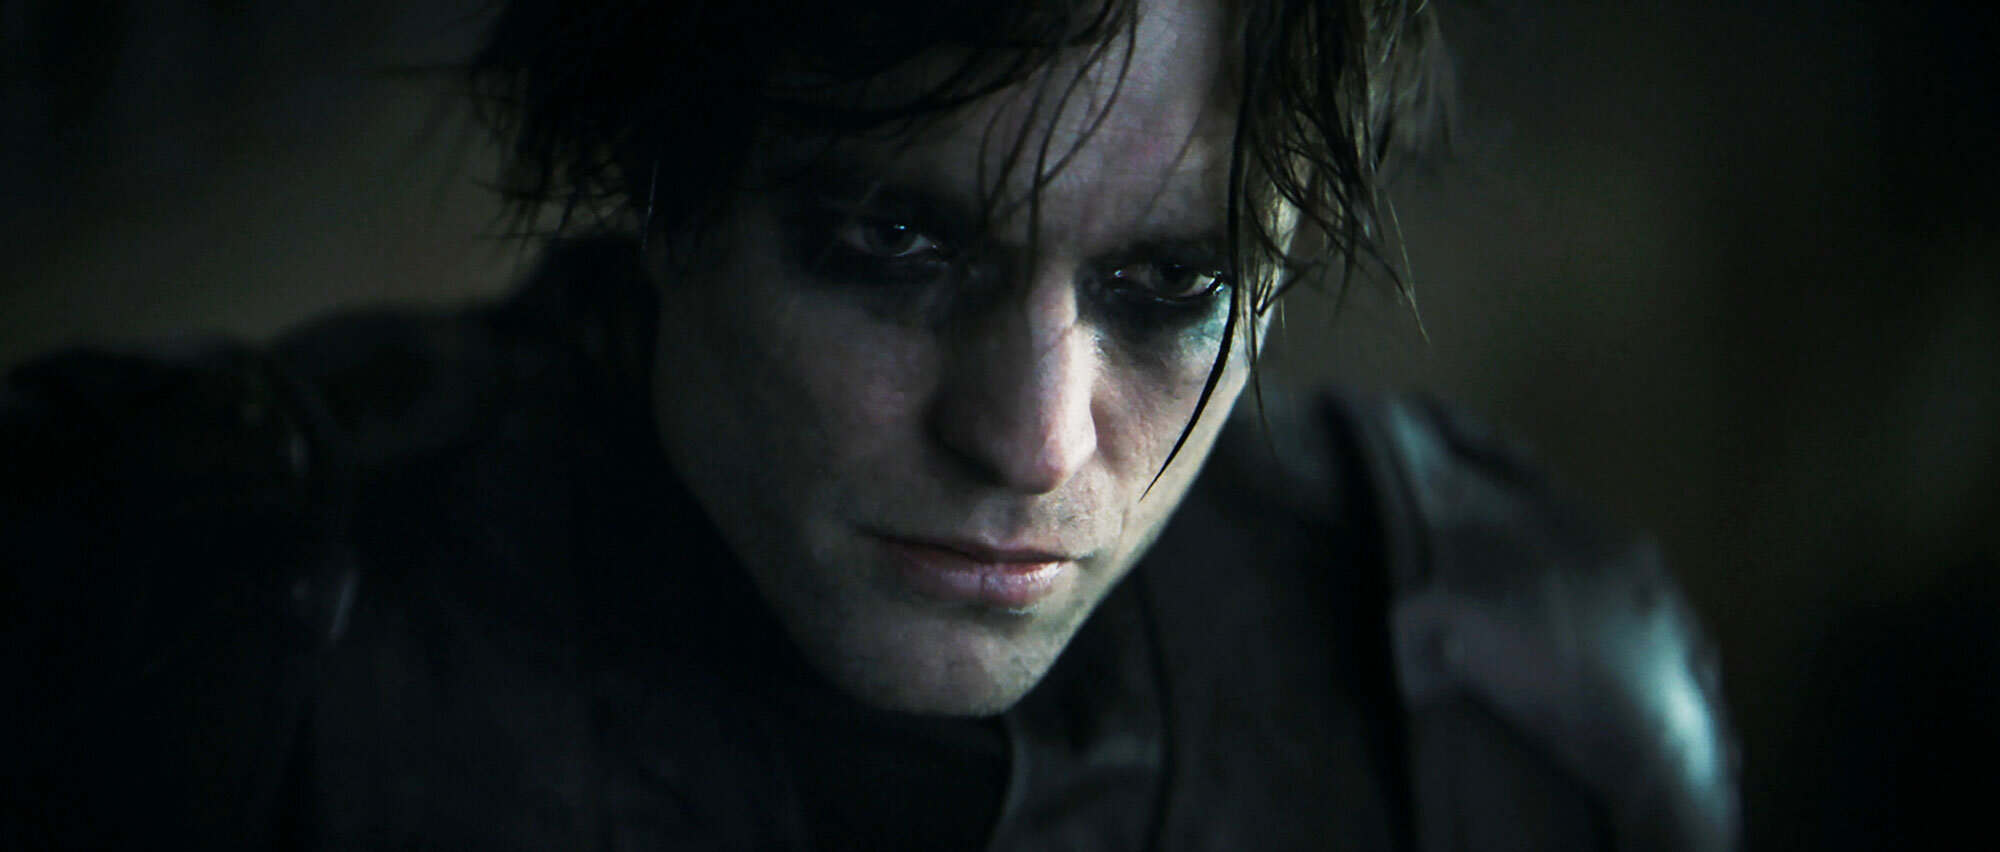 Robert-Pattinson-Batman-DC-Comics